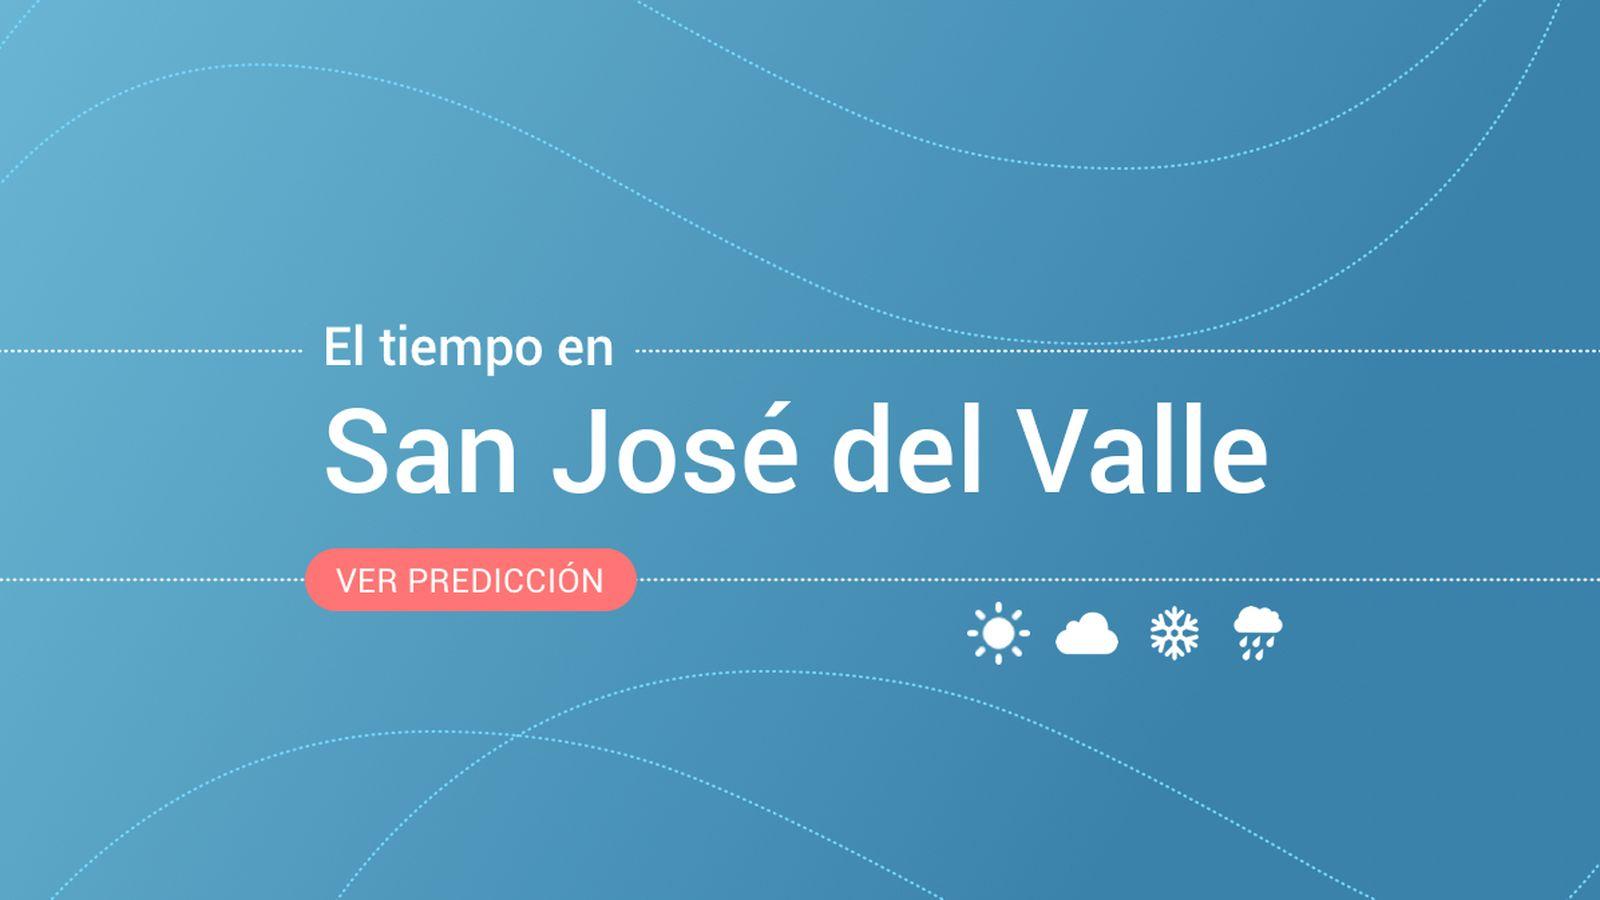 Foto: El tiempo en San José del Valle. (EC)